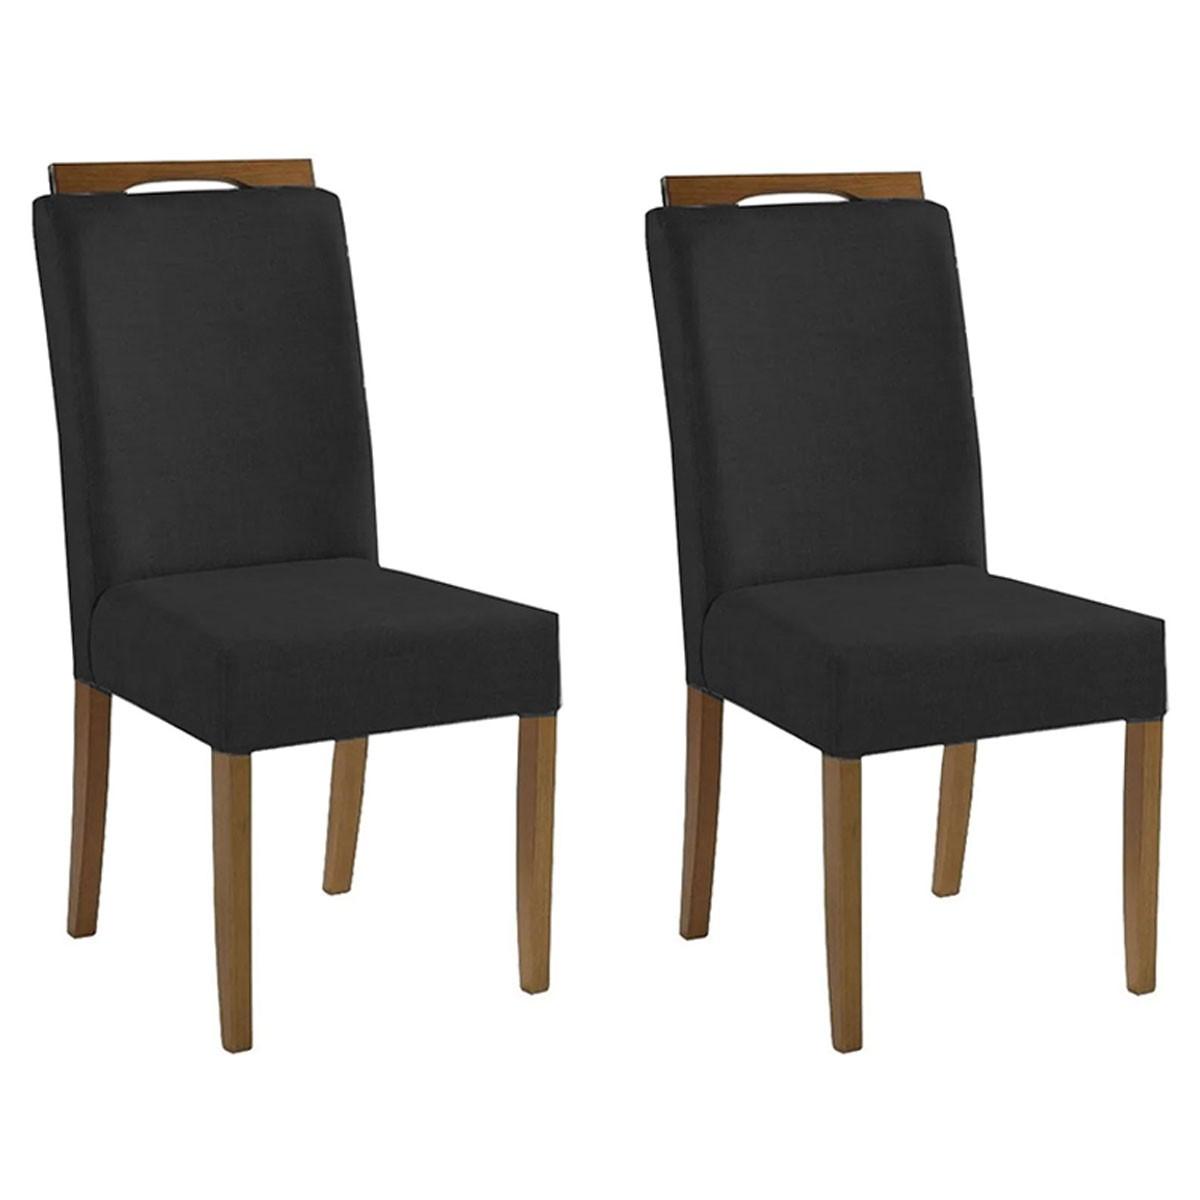 Kit 2 Cadeiras Estofadas Fabiana 100% Madeira Suede Preto